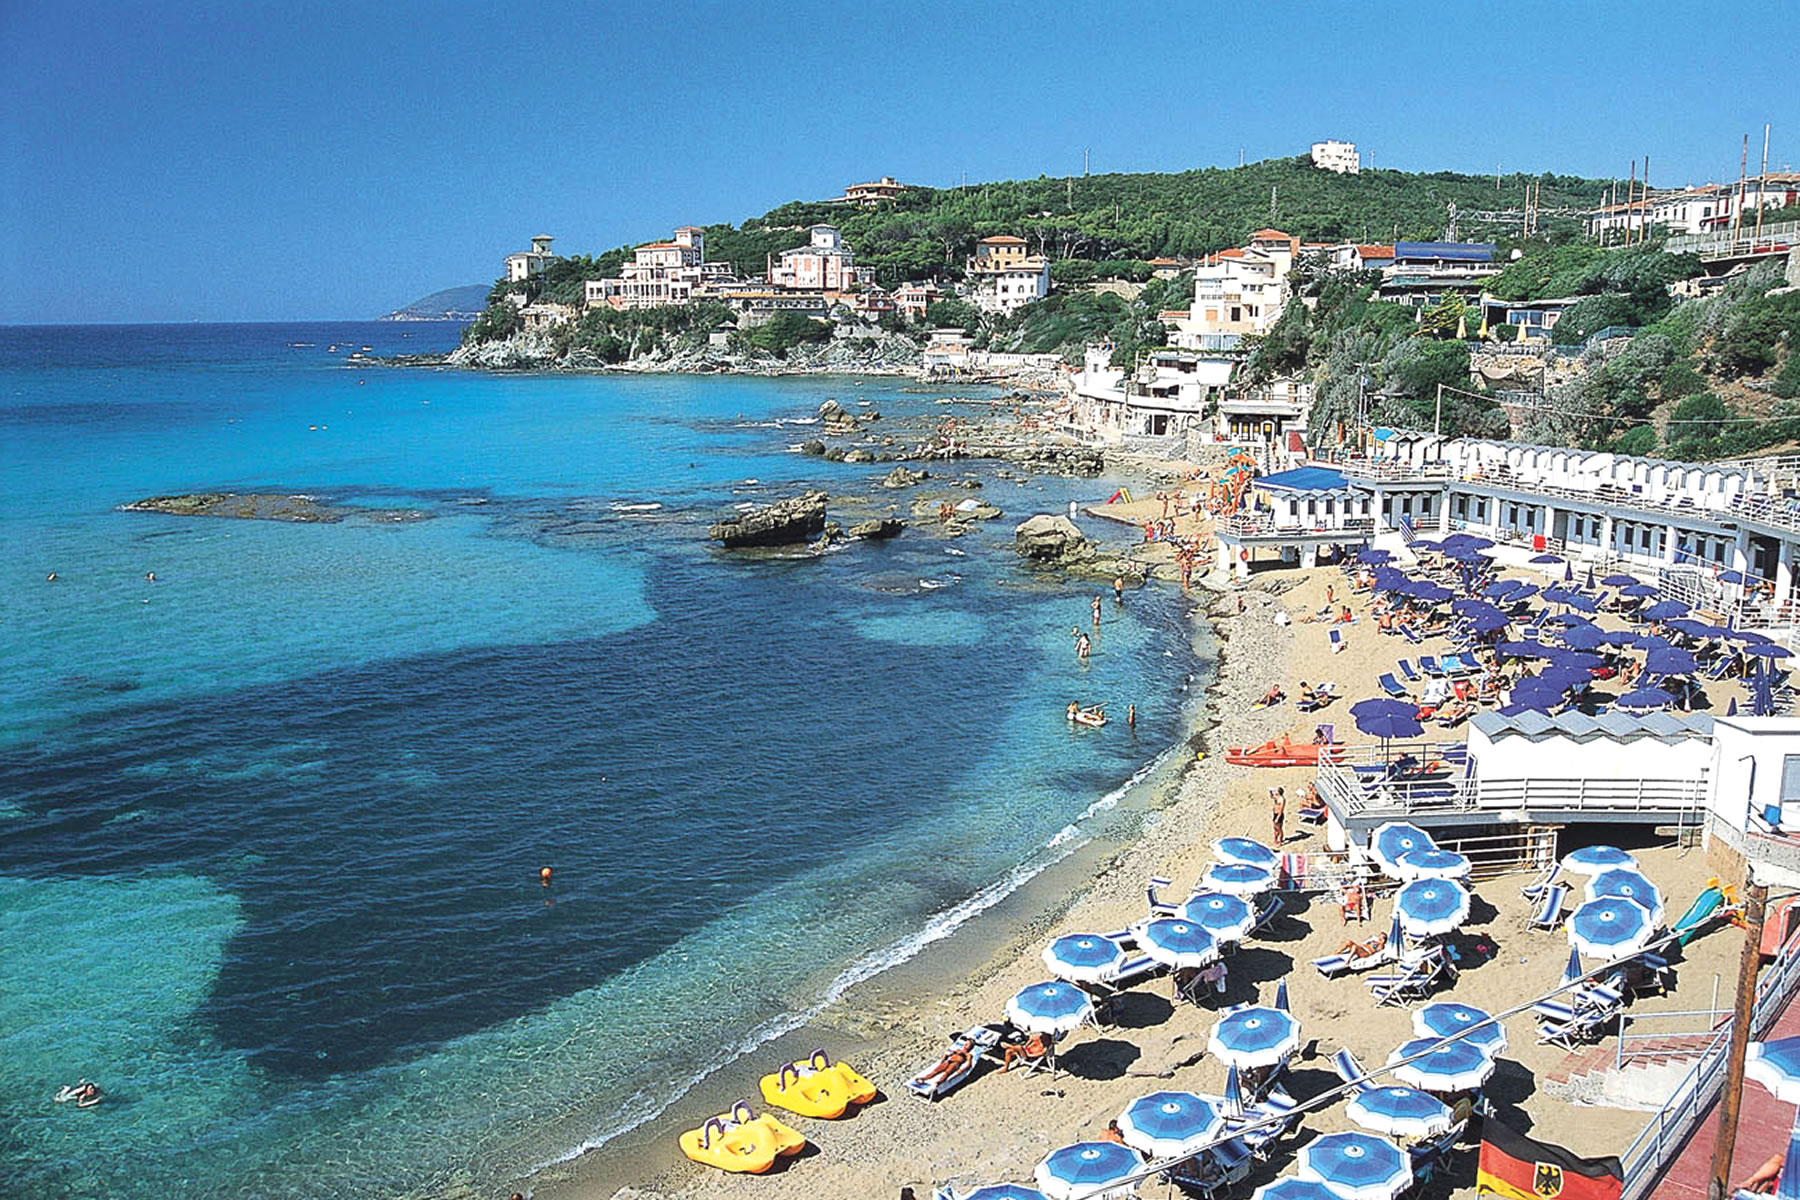 Hotel Livorno Sul Mare